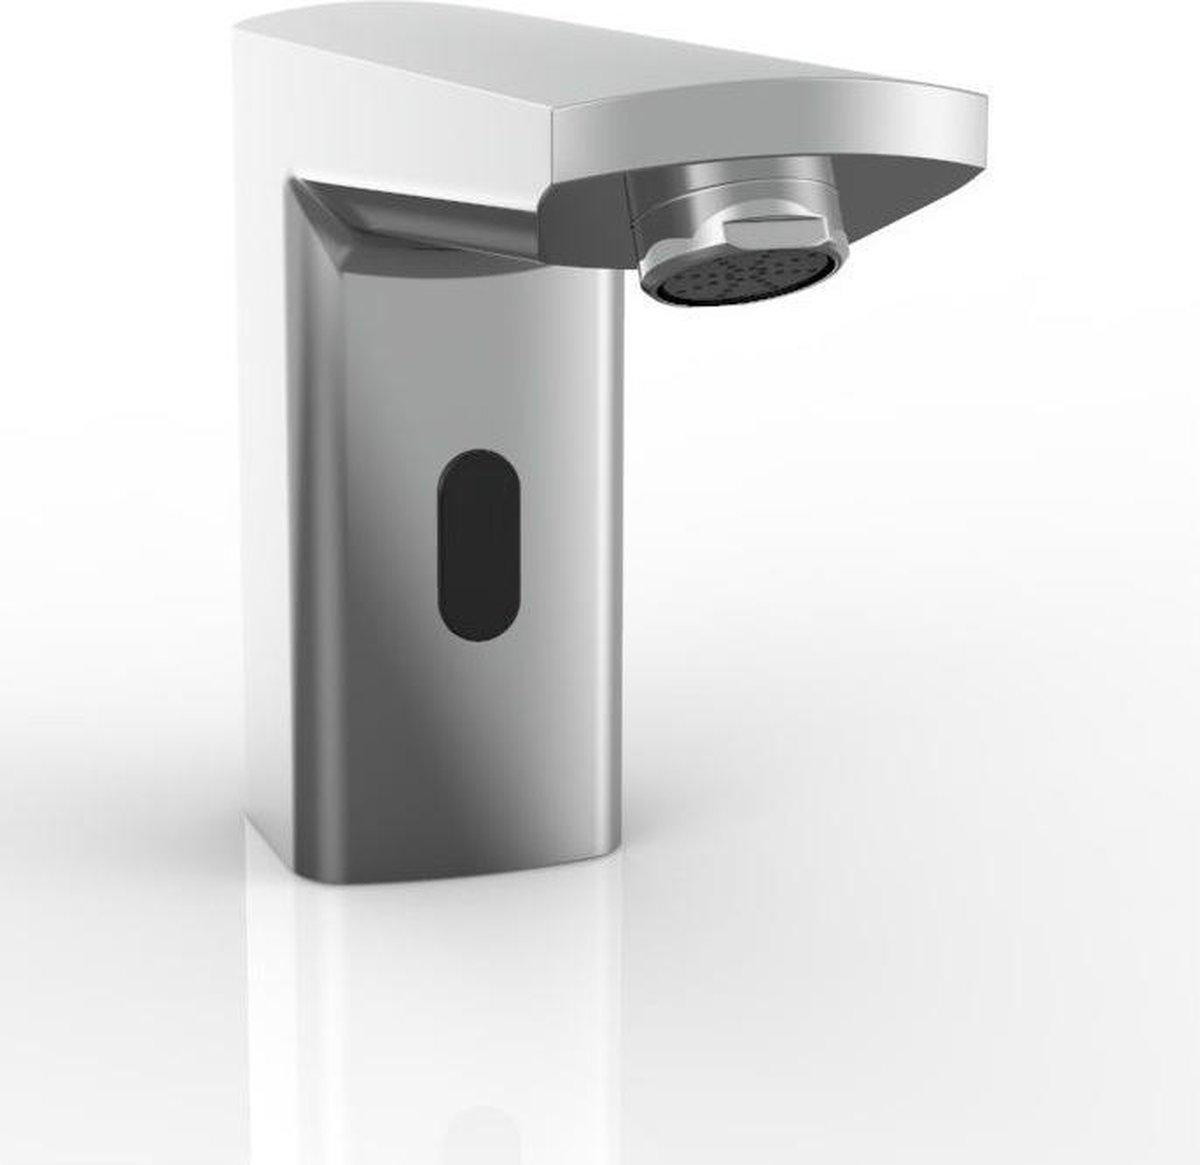 Combisteel opbouw Sensor kraan | RVS | Modern | Horeca Kwaliteit | 7013.1225